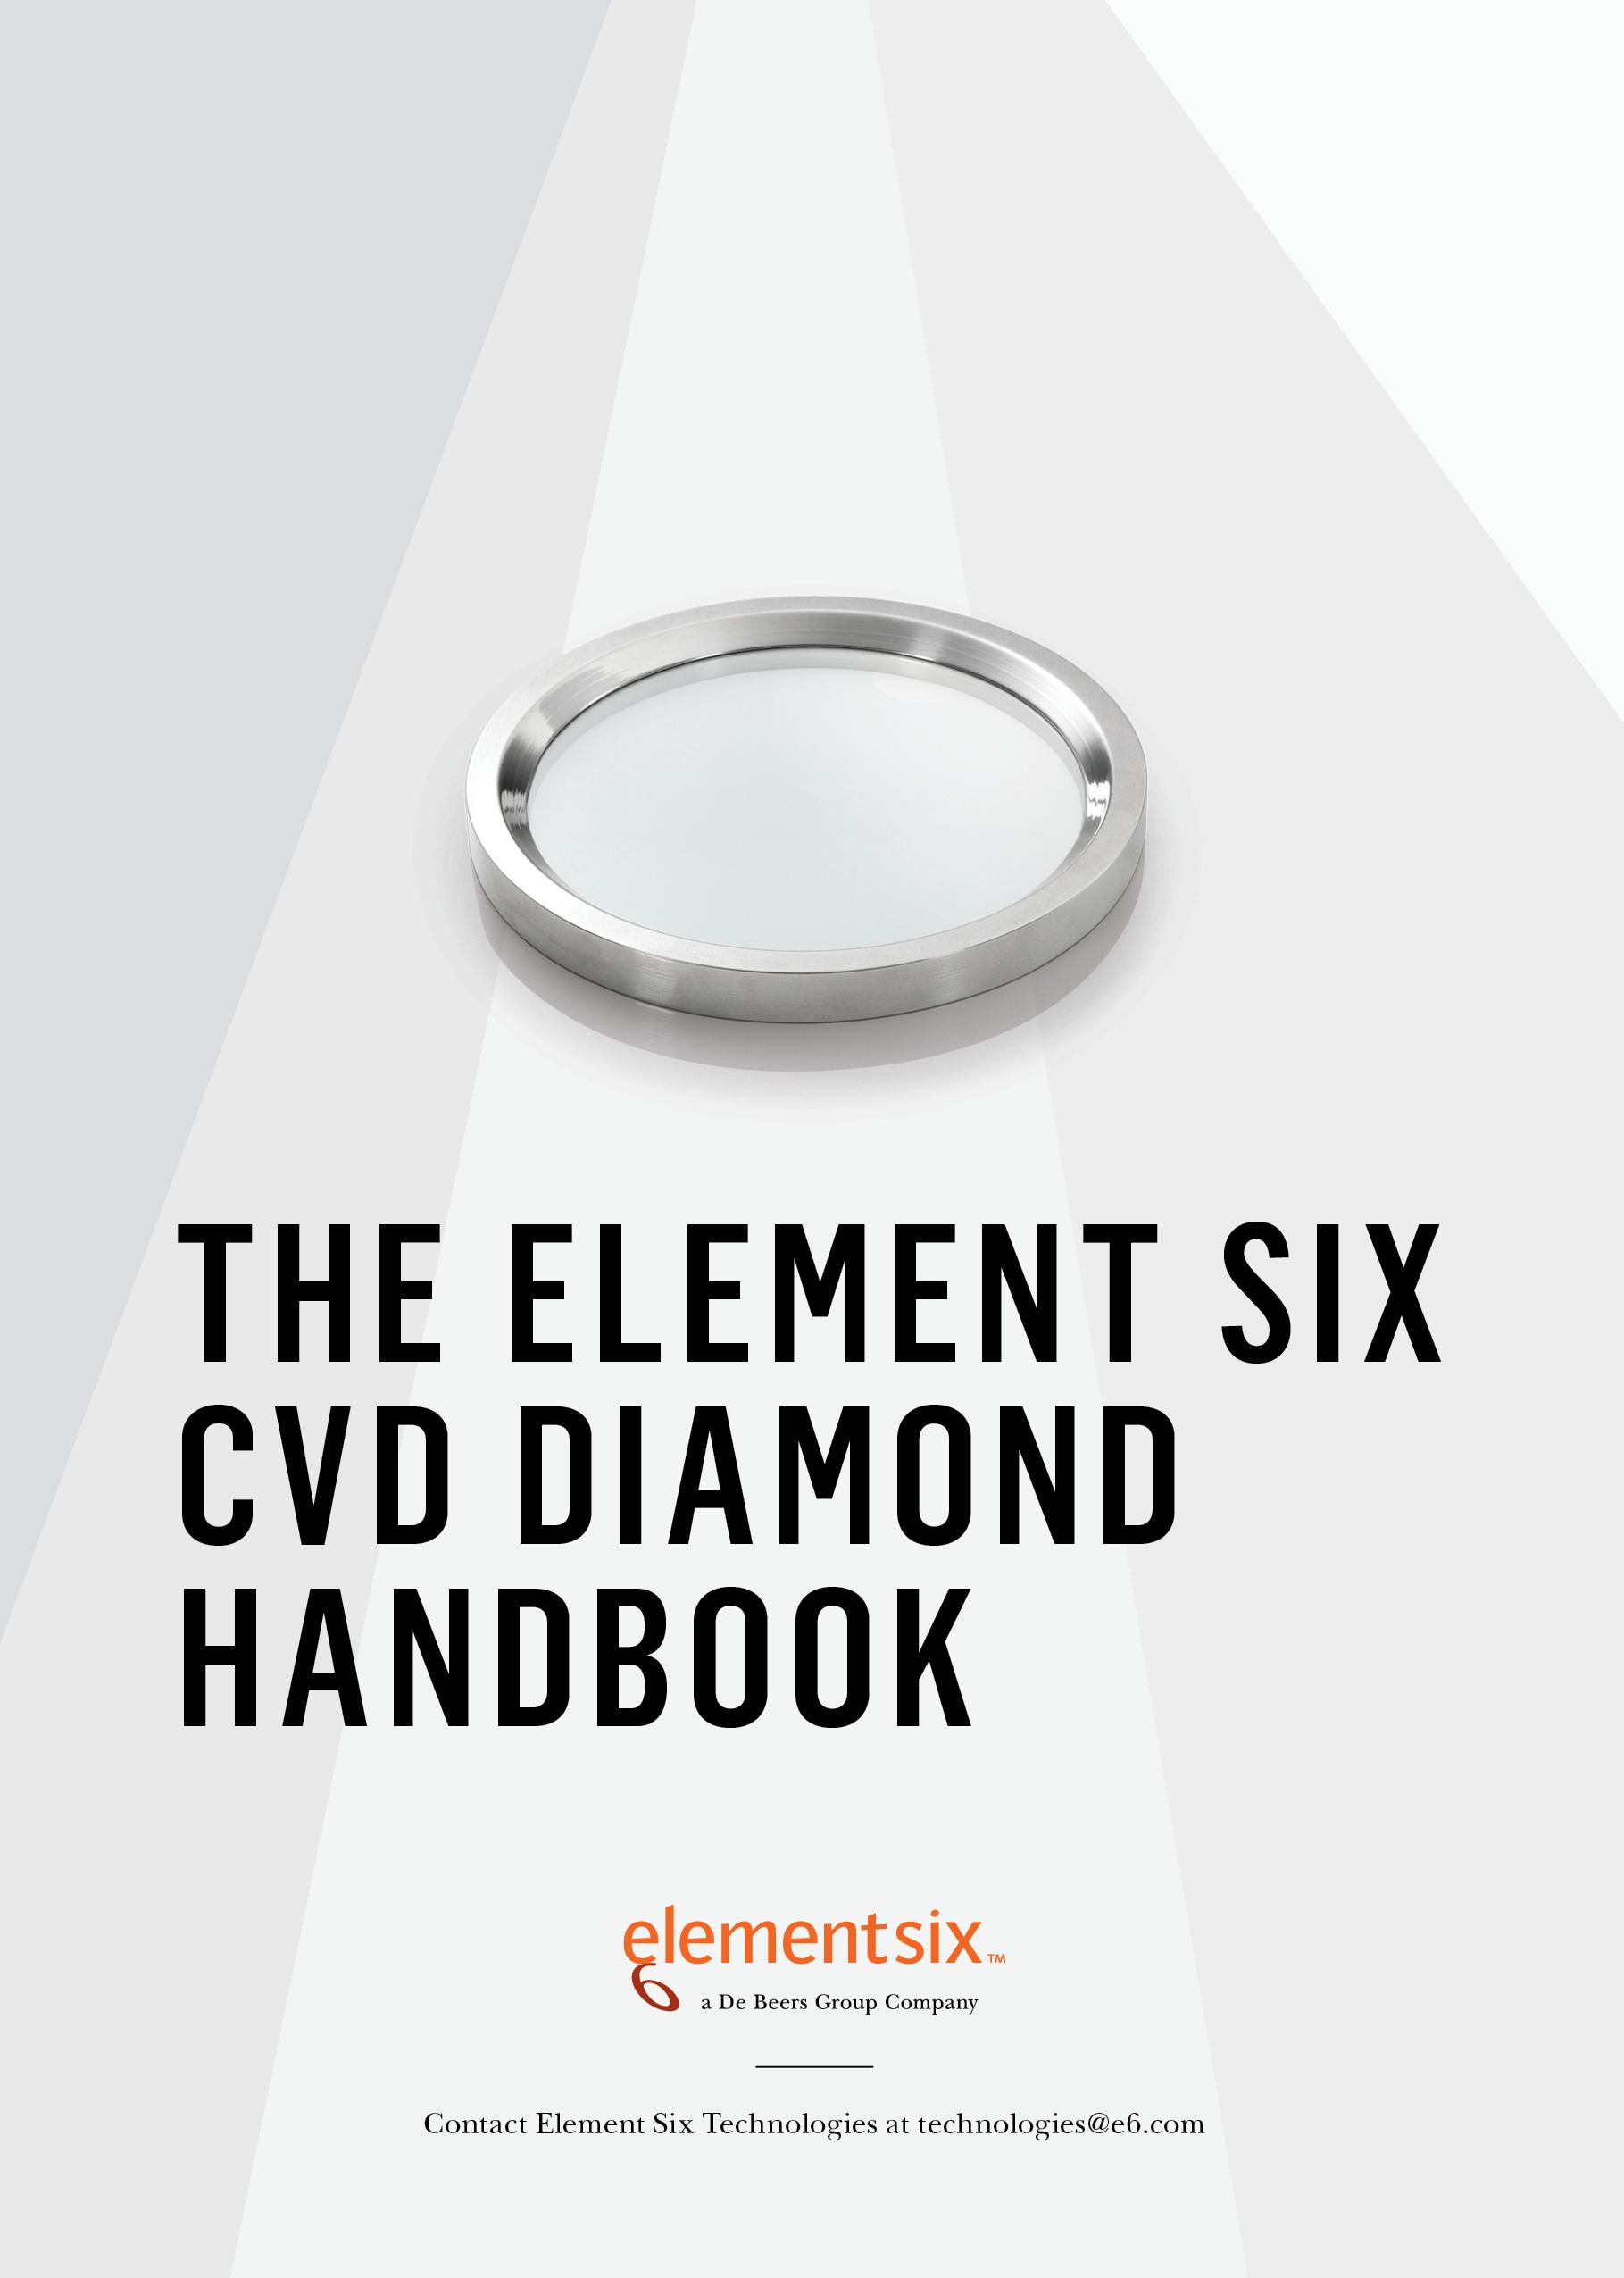 INDUSTRY LEADING ENGINEERS CHOOSE DIAMOND